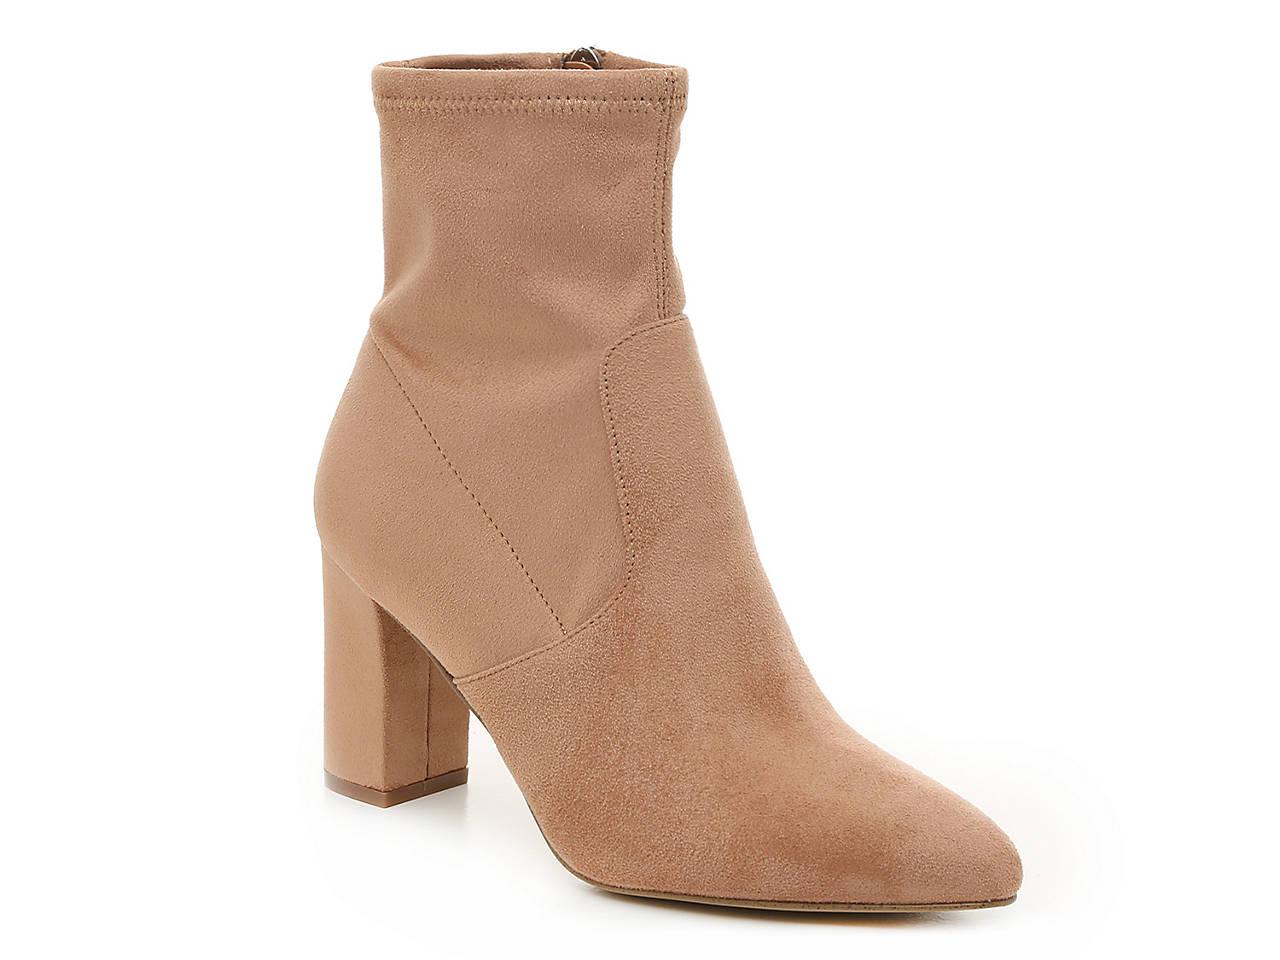 97d06f5e050 Steve Madden Edril Bootie Women s Shoes